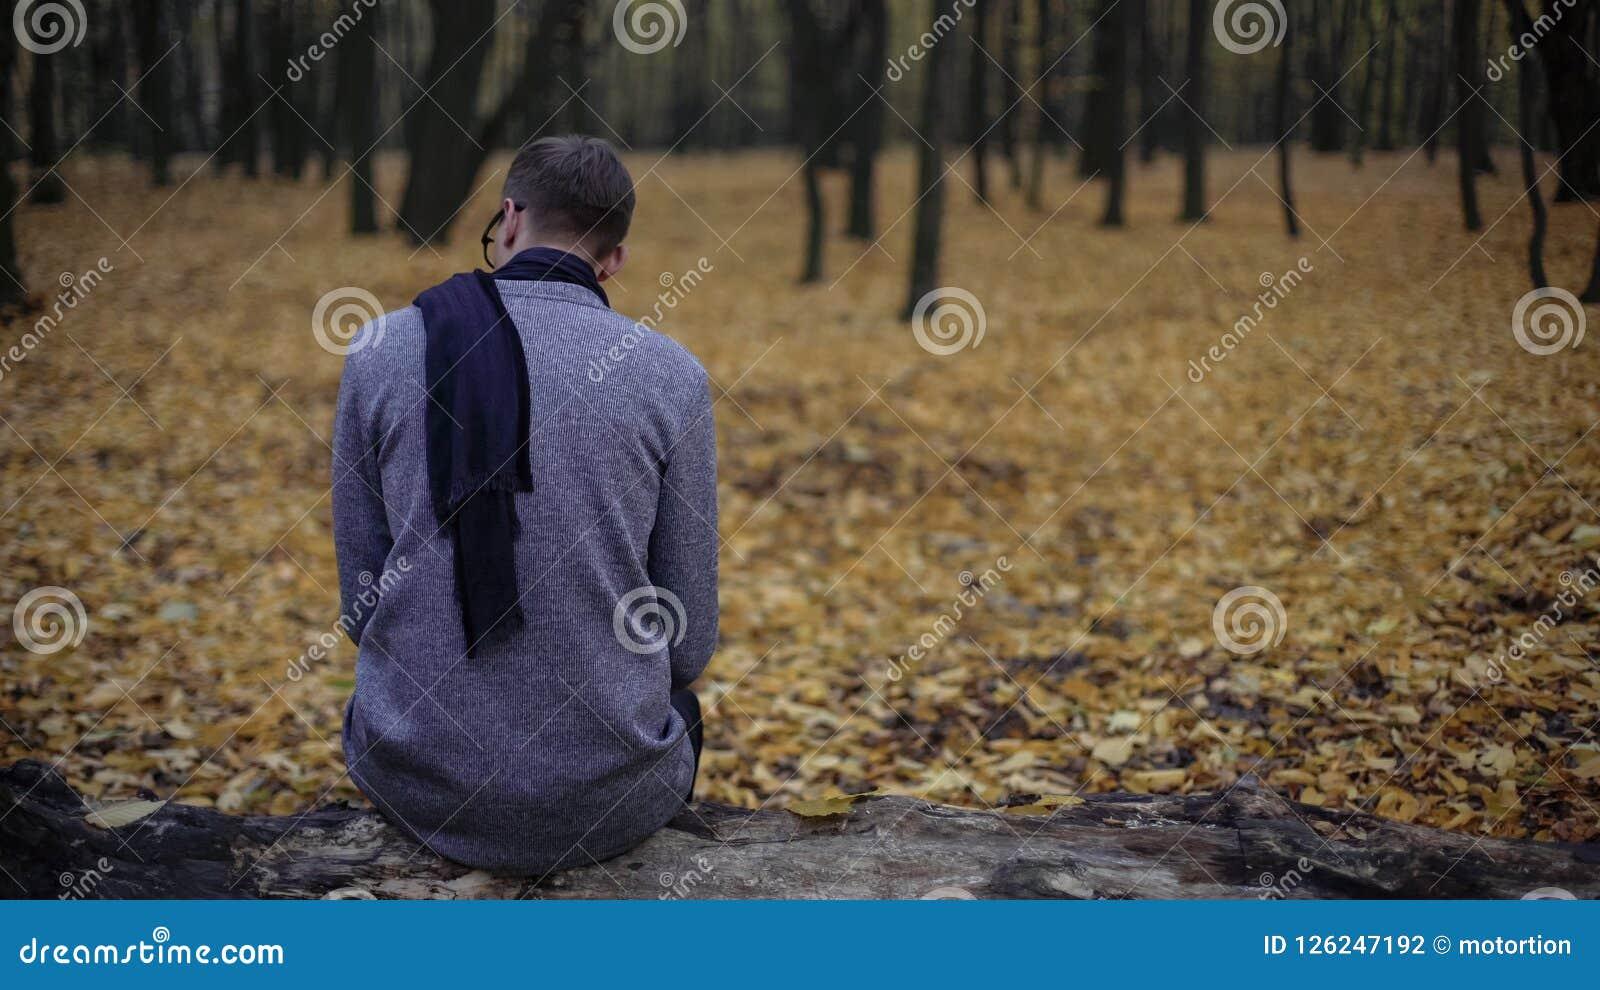 单独坐在秋天公园的年轻人,感觉消沉,乡情,寂寞